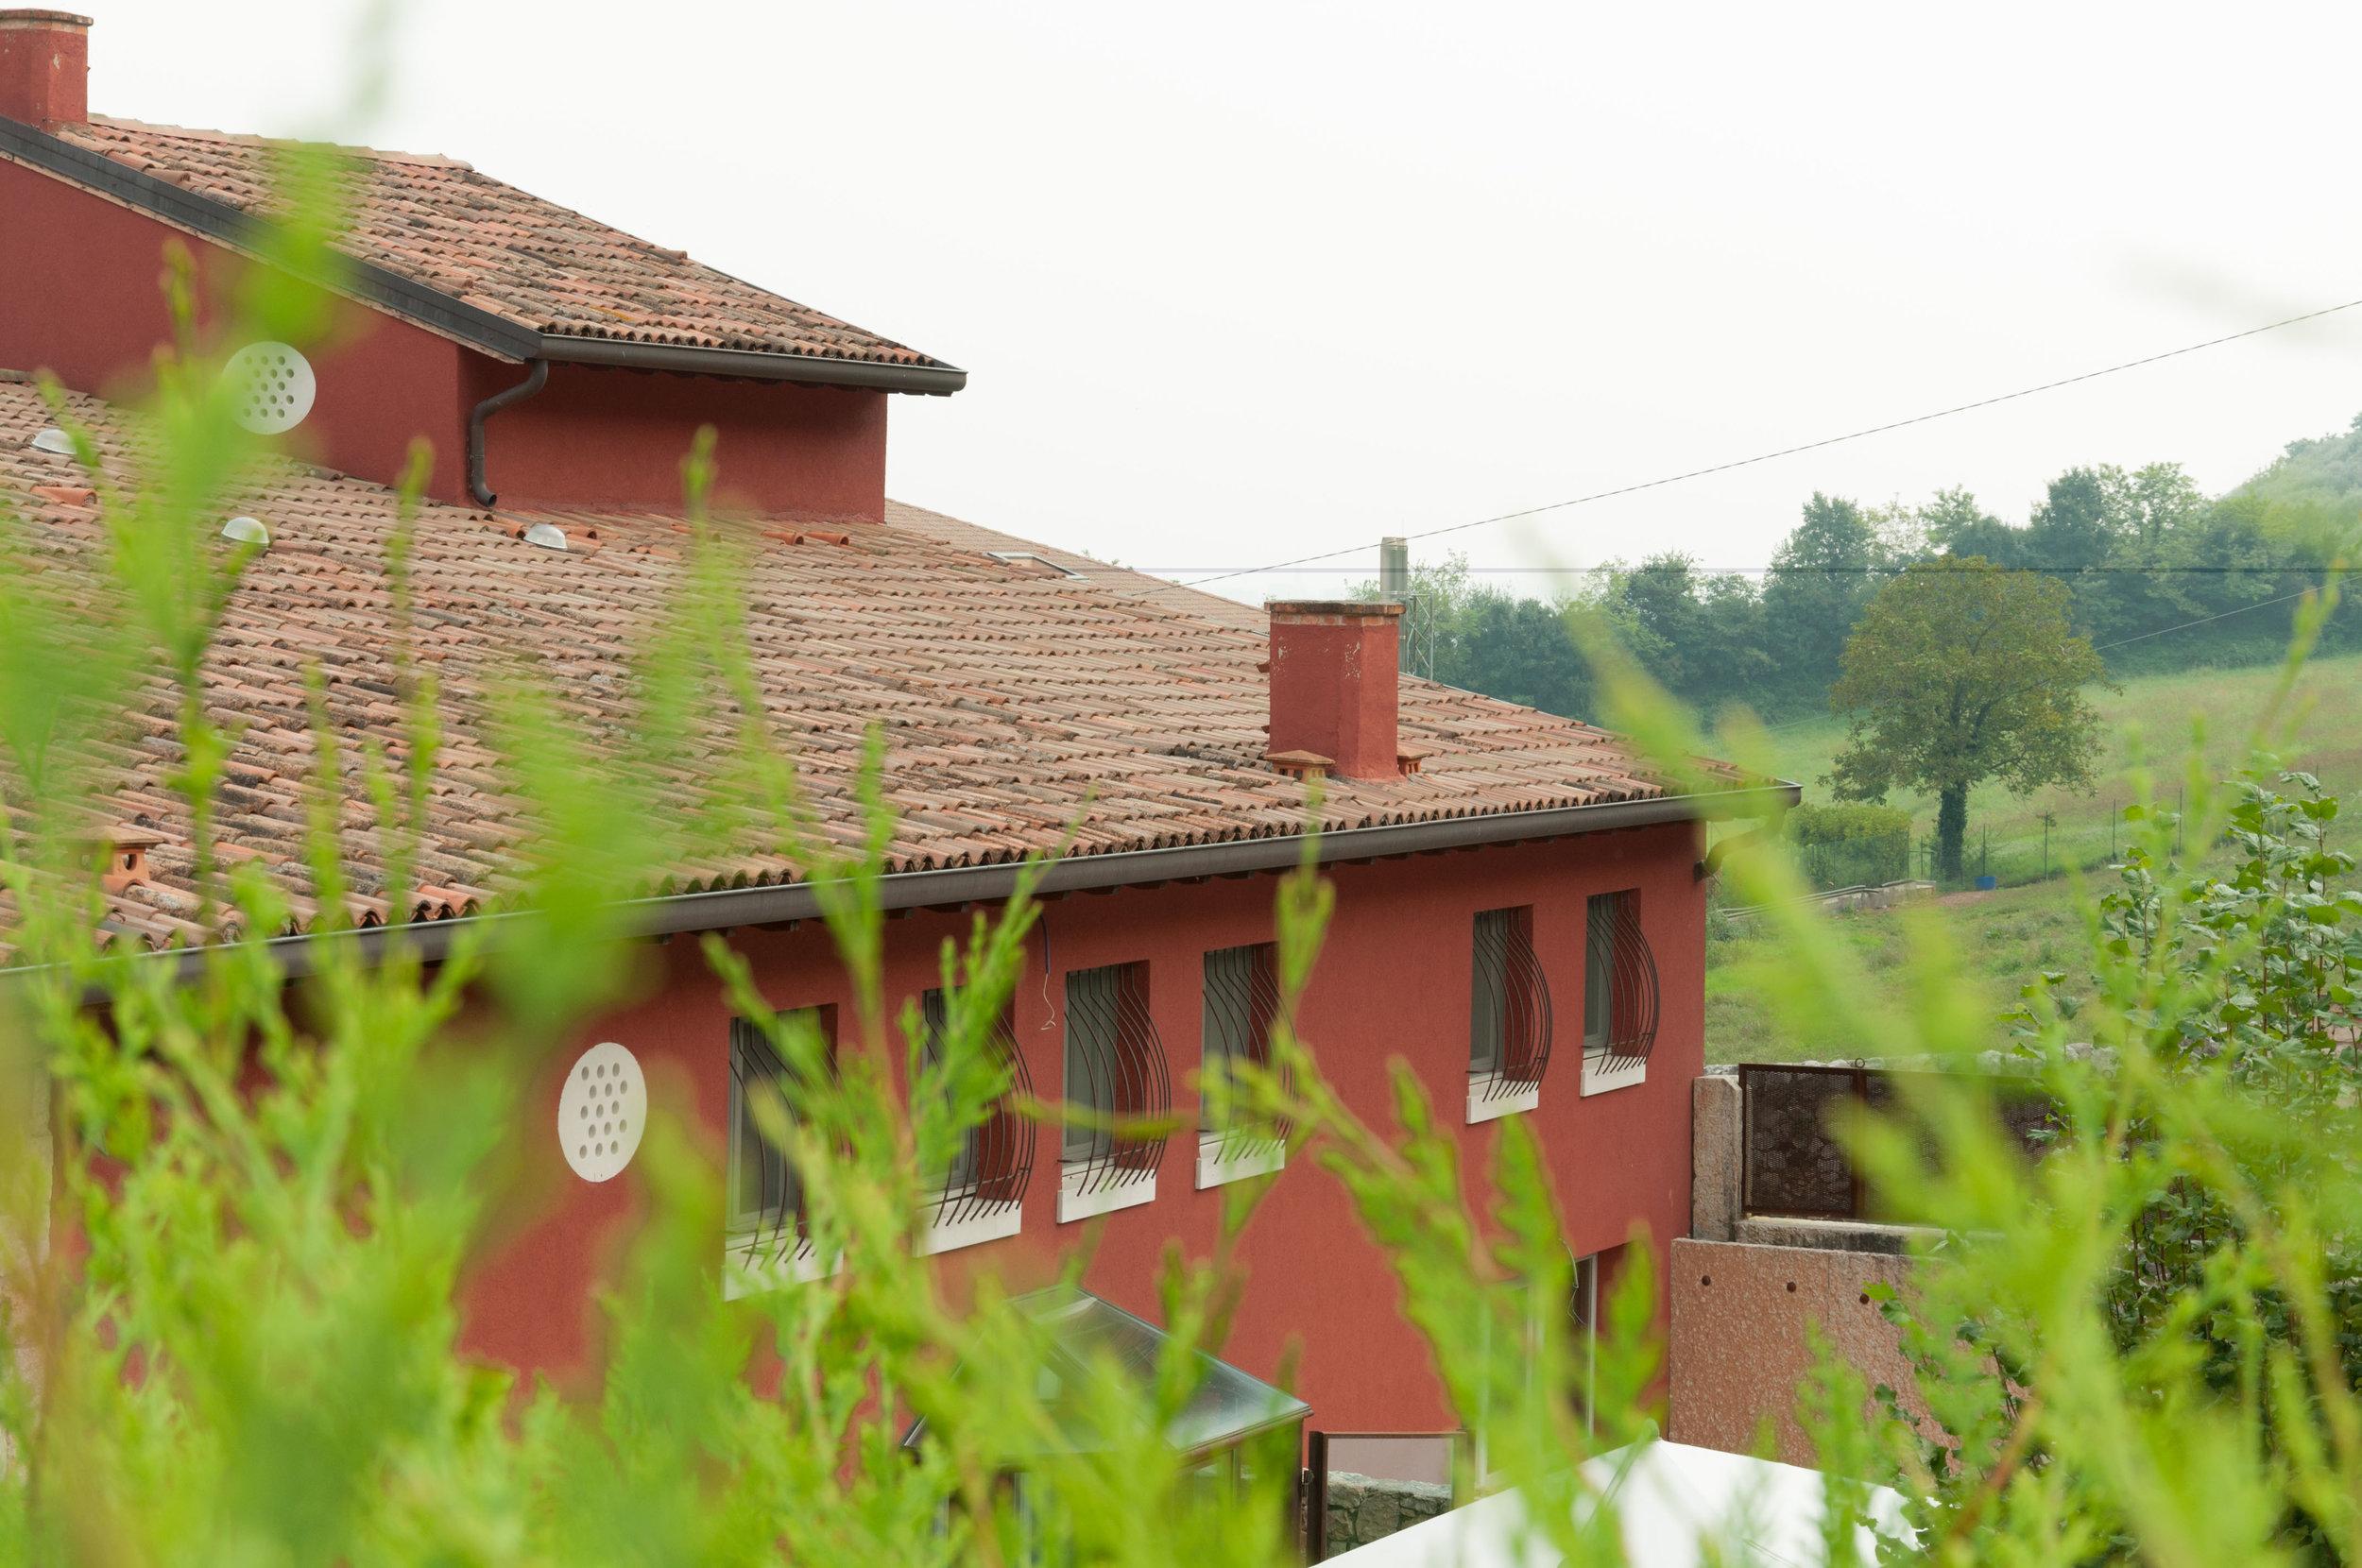 Colle-degli-Ulivi-4.jpg